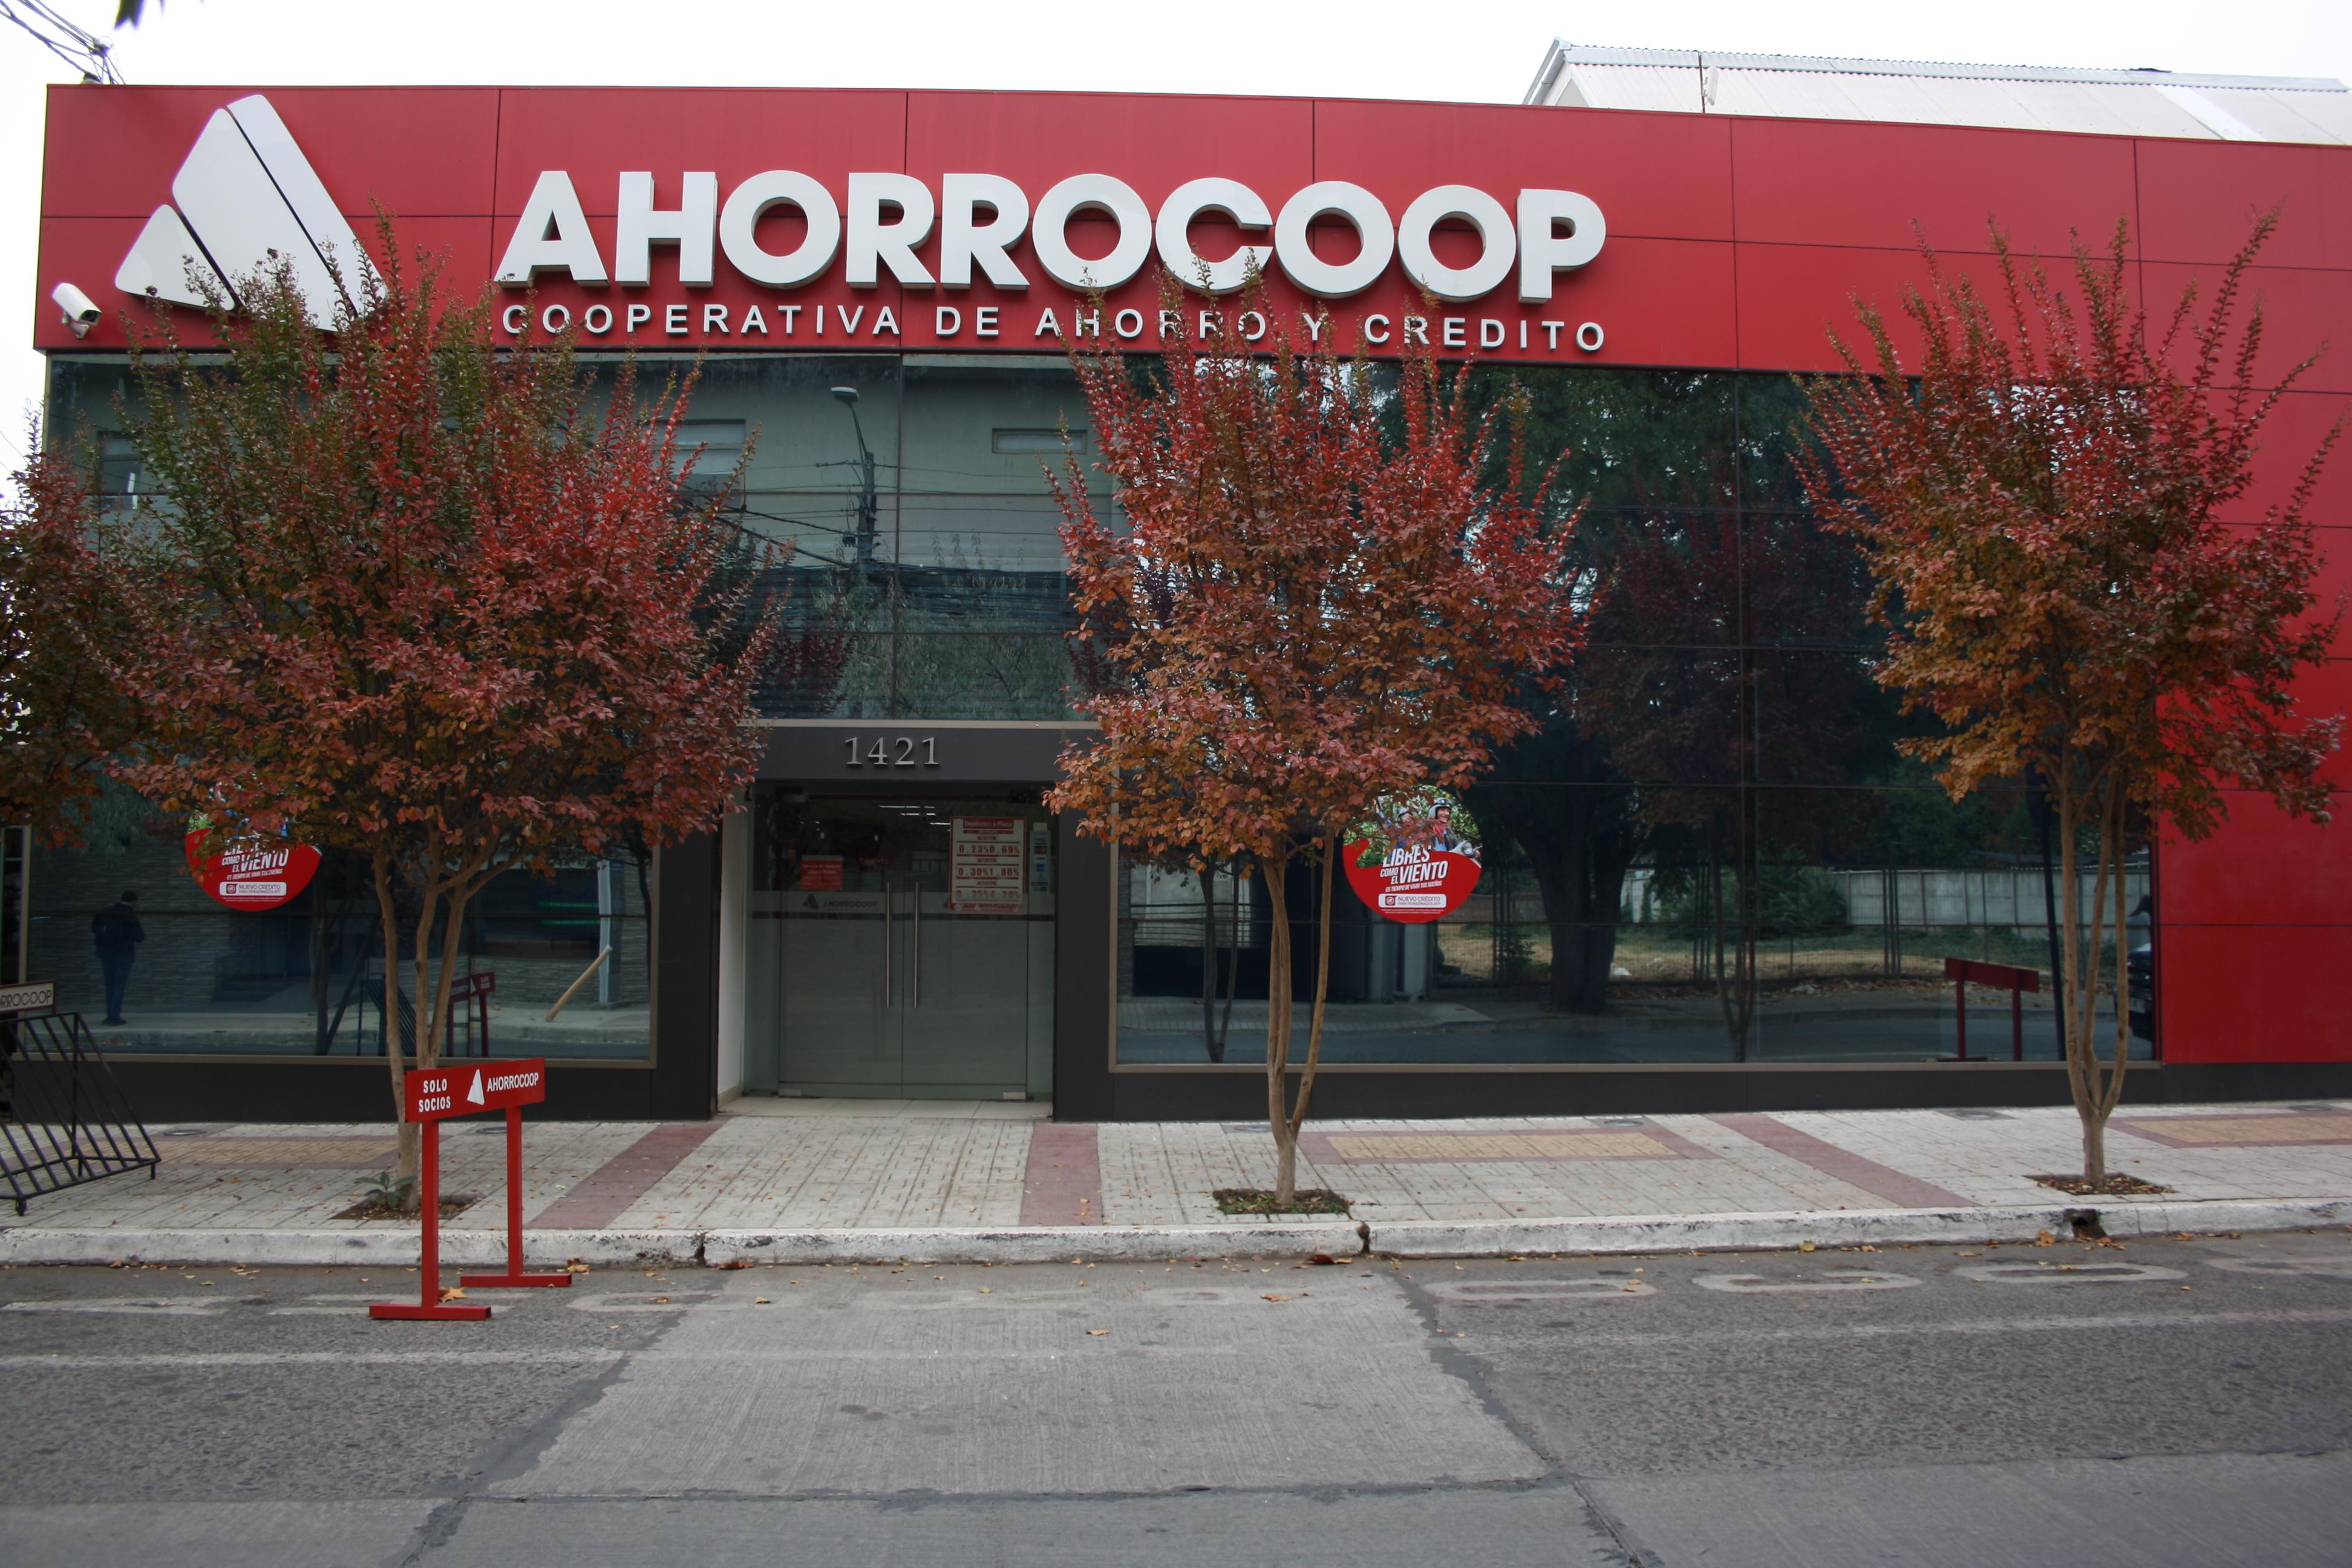 Ahorrocoop adopta un nuevo horario en sus oficinas para proteger a sus socios y colaboradores